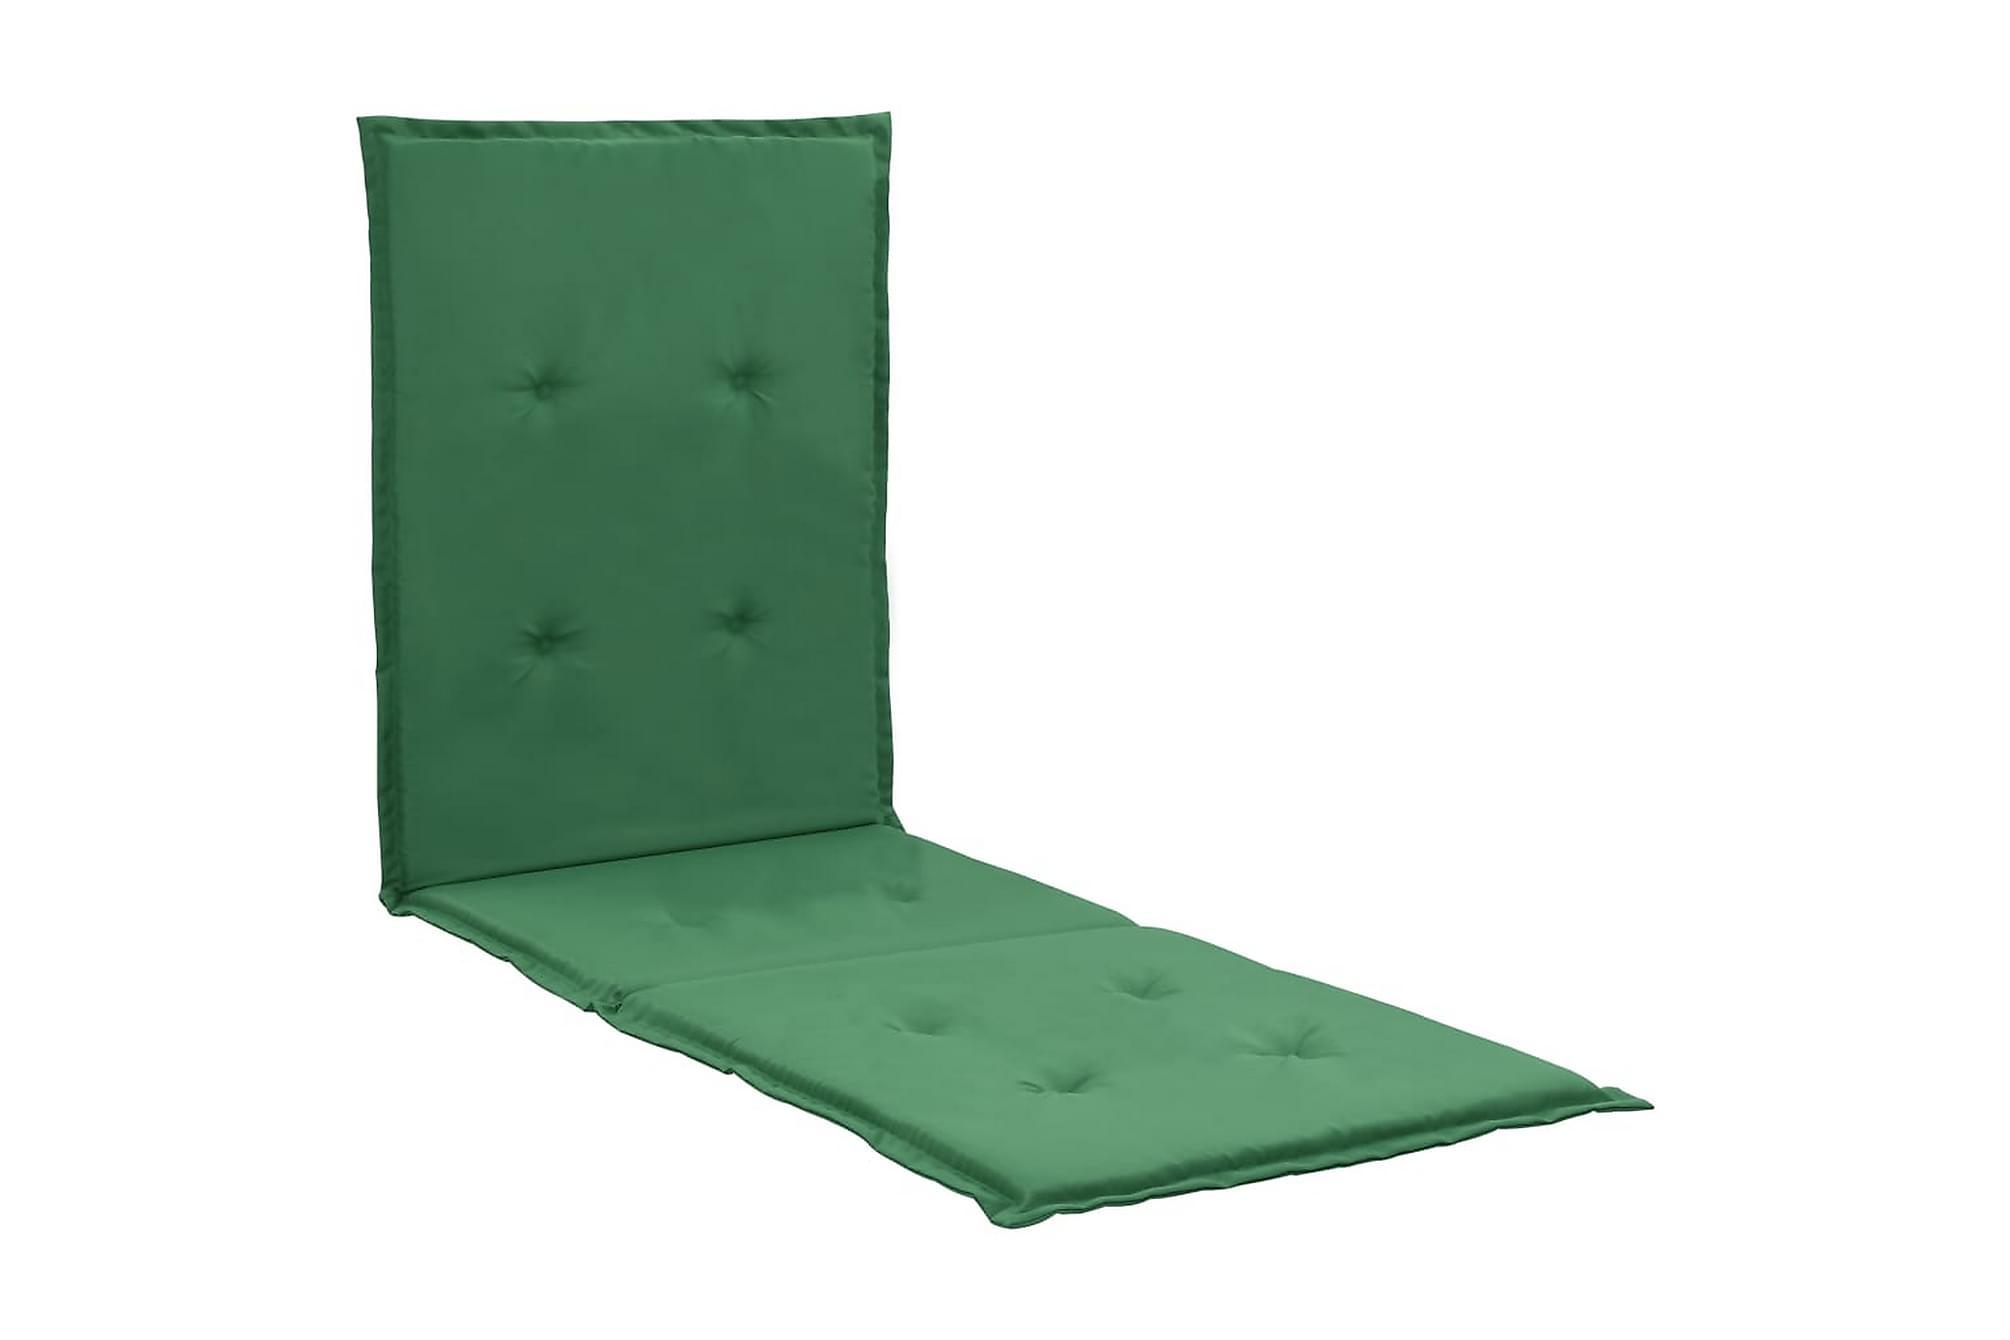 Dyna för solstol grön 180x55x3 cm, Positionsdynor